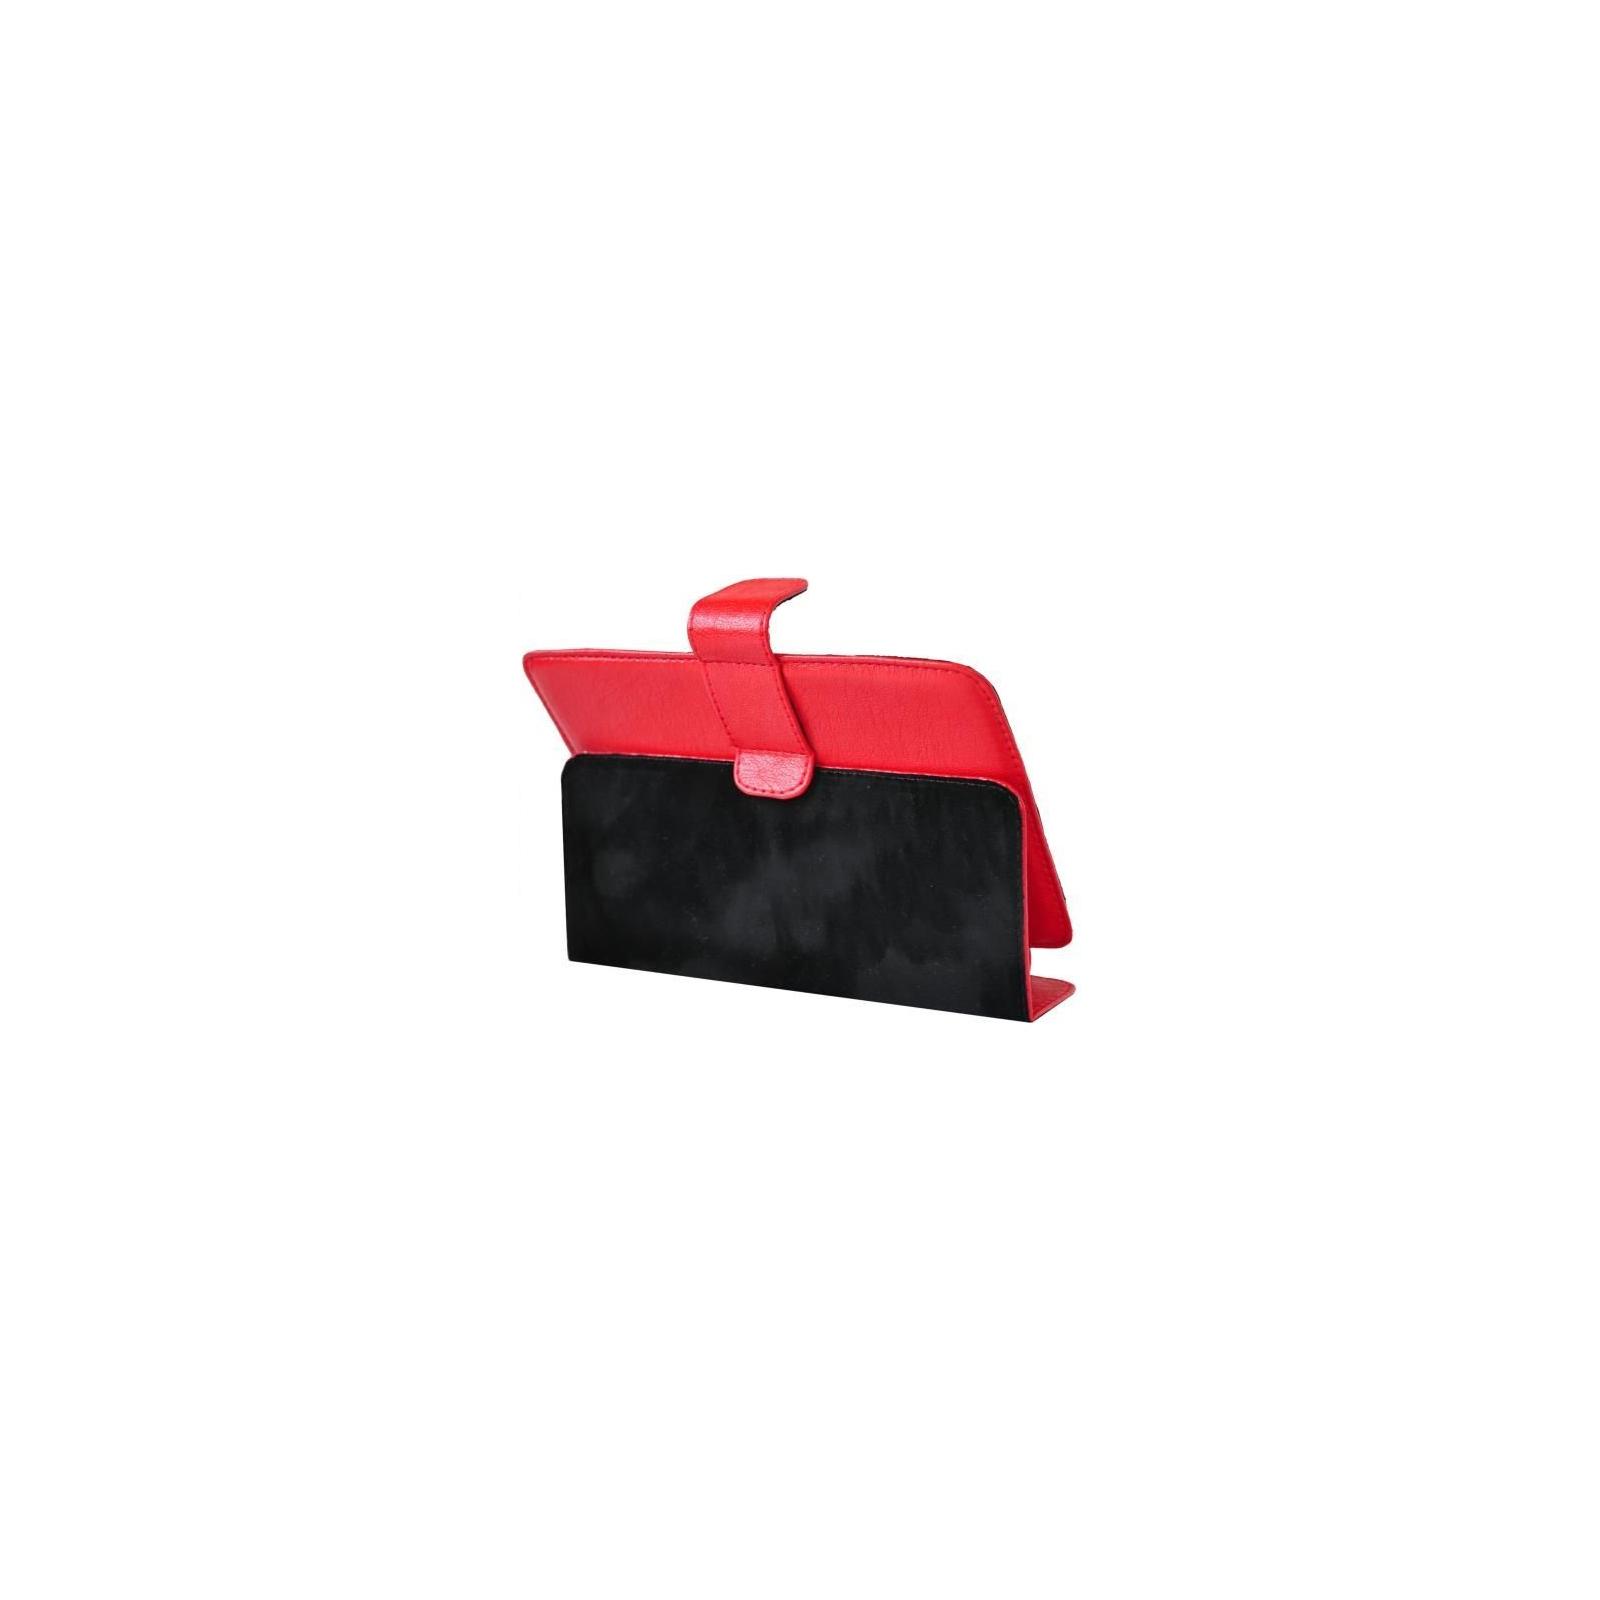 Чехол для планшета Vento 10.1 COOL - red изображение 2